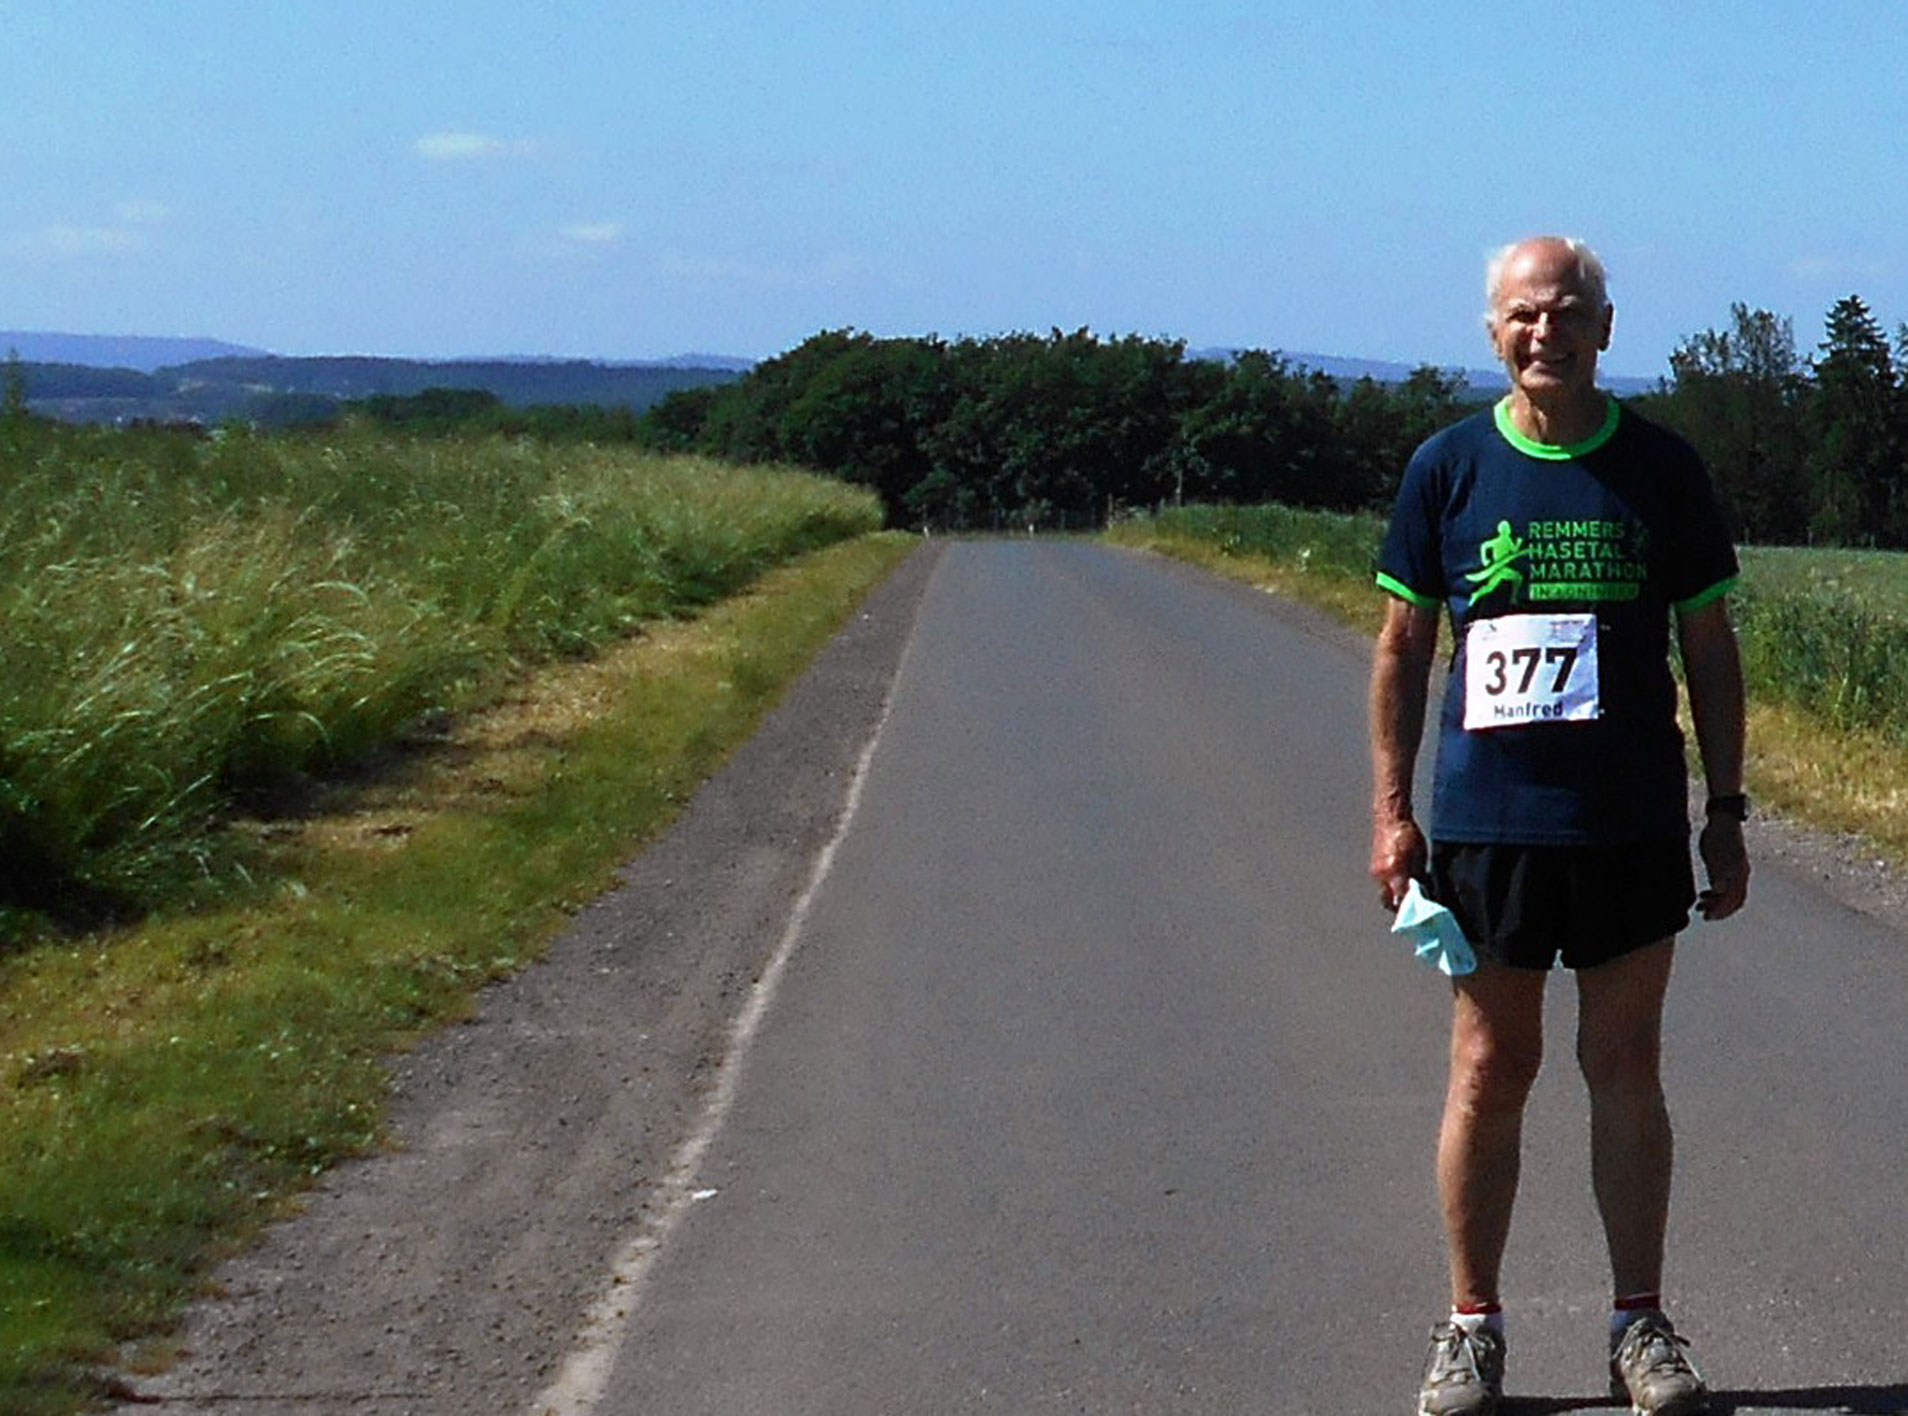 zum Bild:Der 81-jährige Manfred Kloweit-Herrmann ist dank seiner Smartphone-App den Hasetal-Halbmarathon im Grönegau gelaufen. Foto: Kloweit-Herrmann.